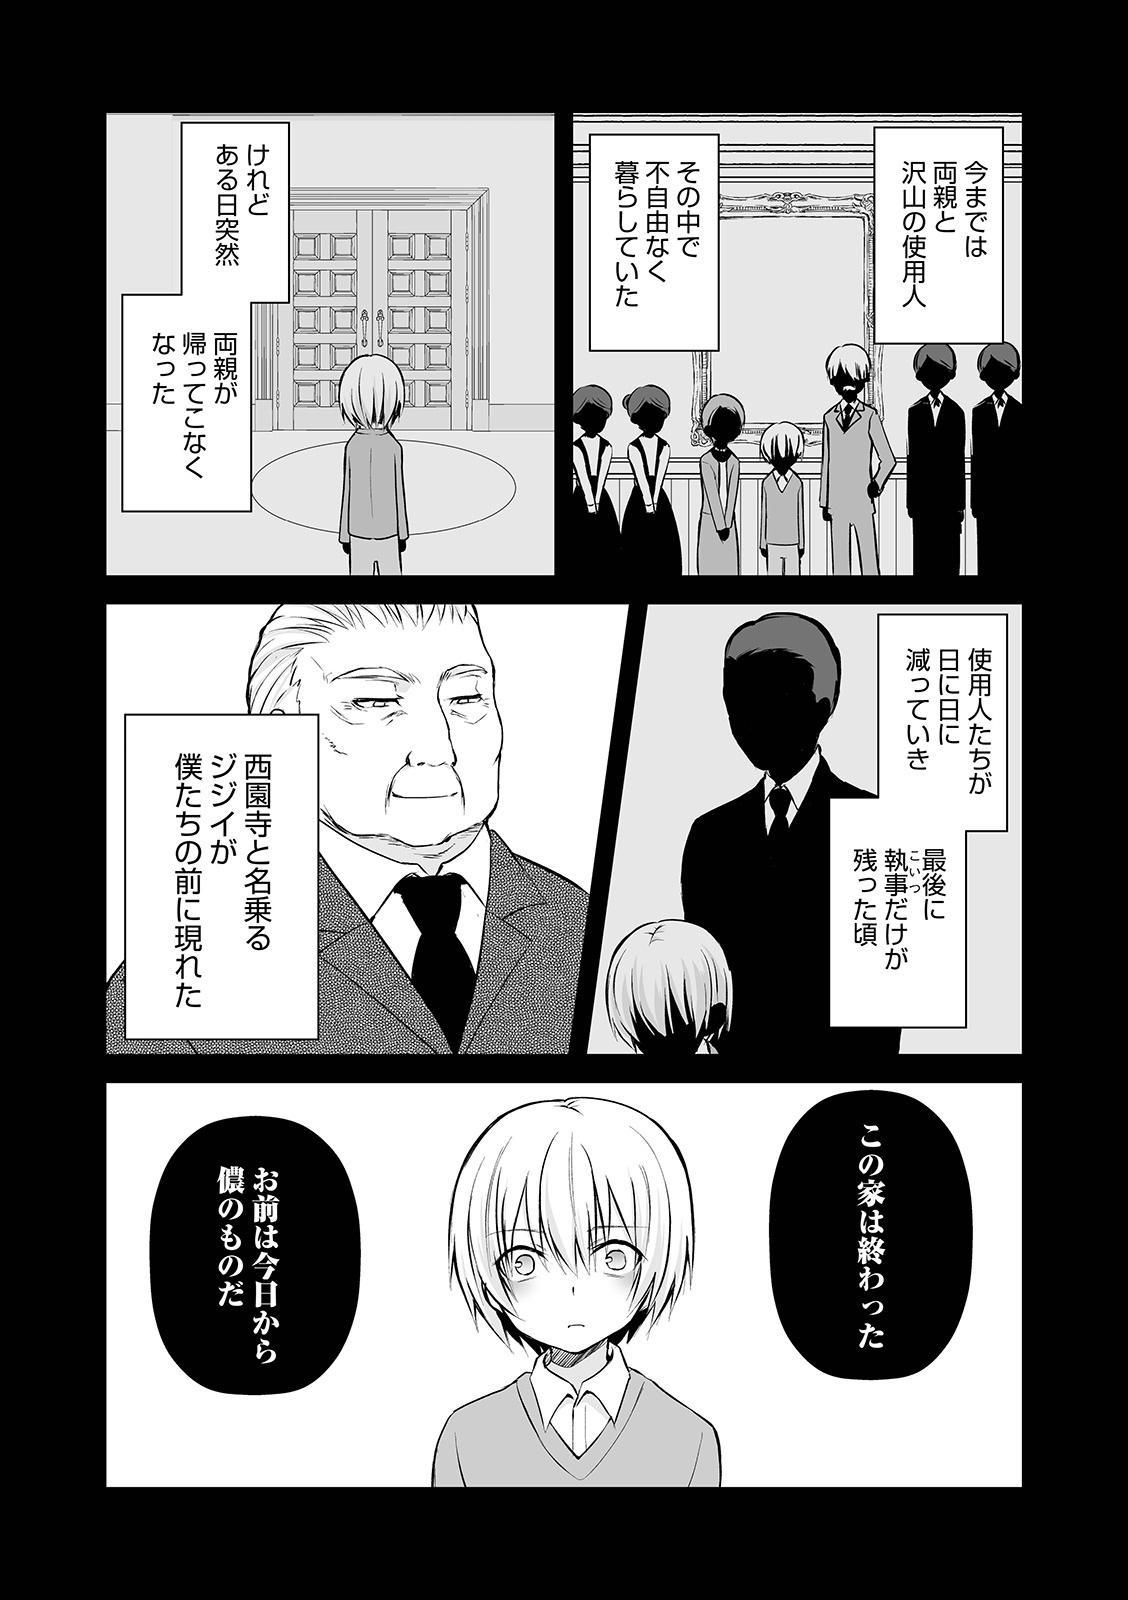 Otokonoko Heaven's Door 9 57